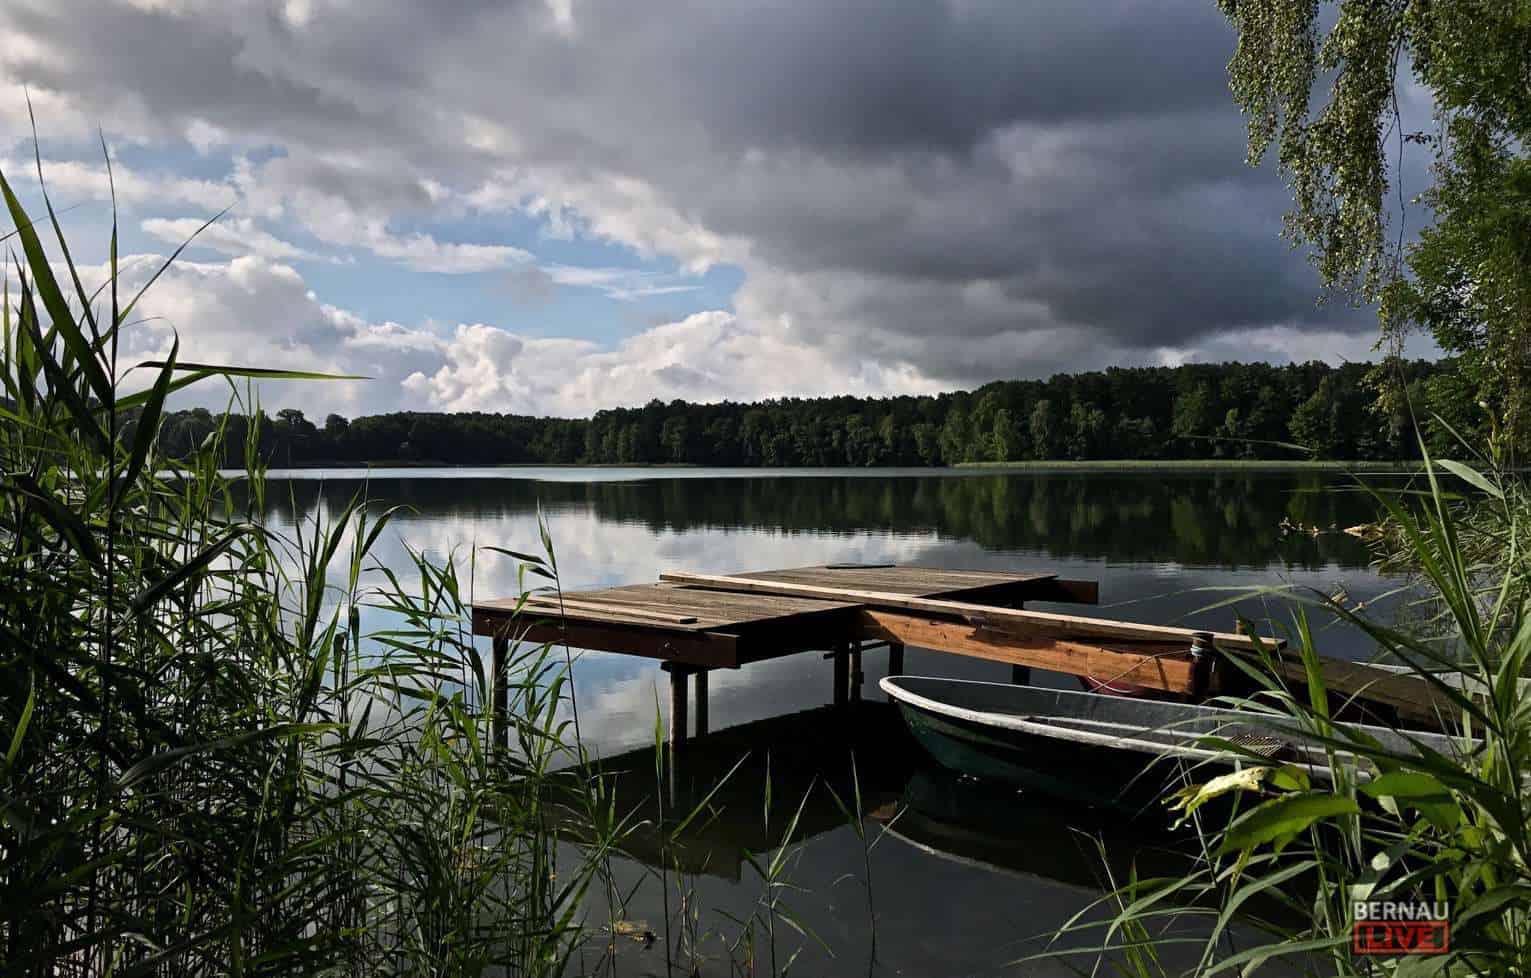 Bernau - Barnim - Wochenende - Wukensee - Wochenende, Sommer mit Sommerpause, Veranstaltungen